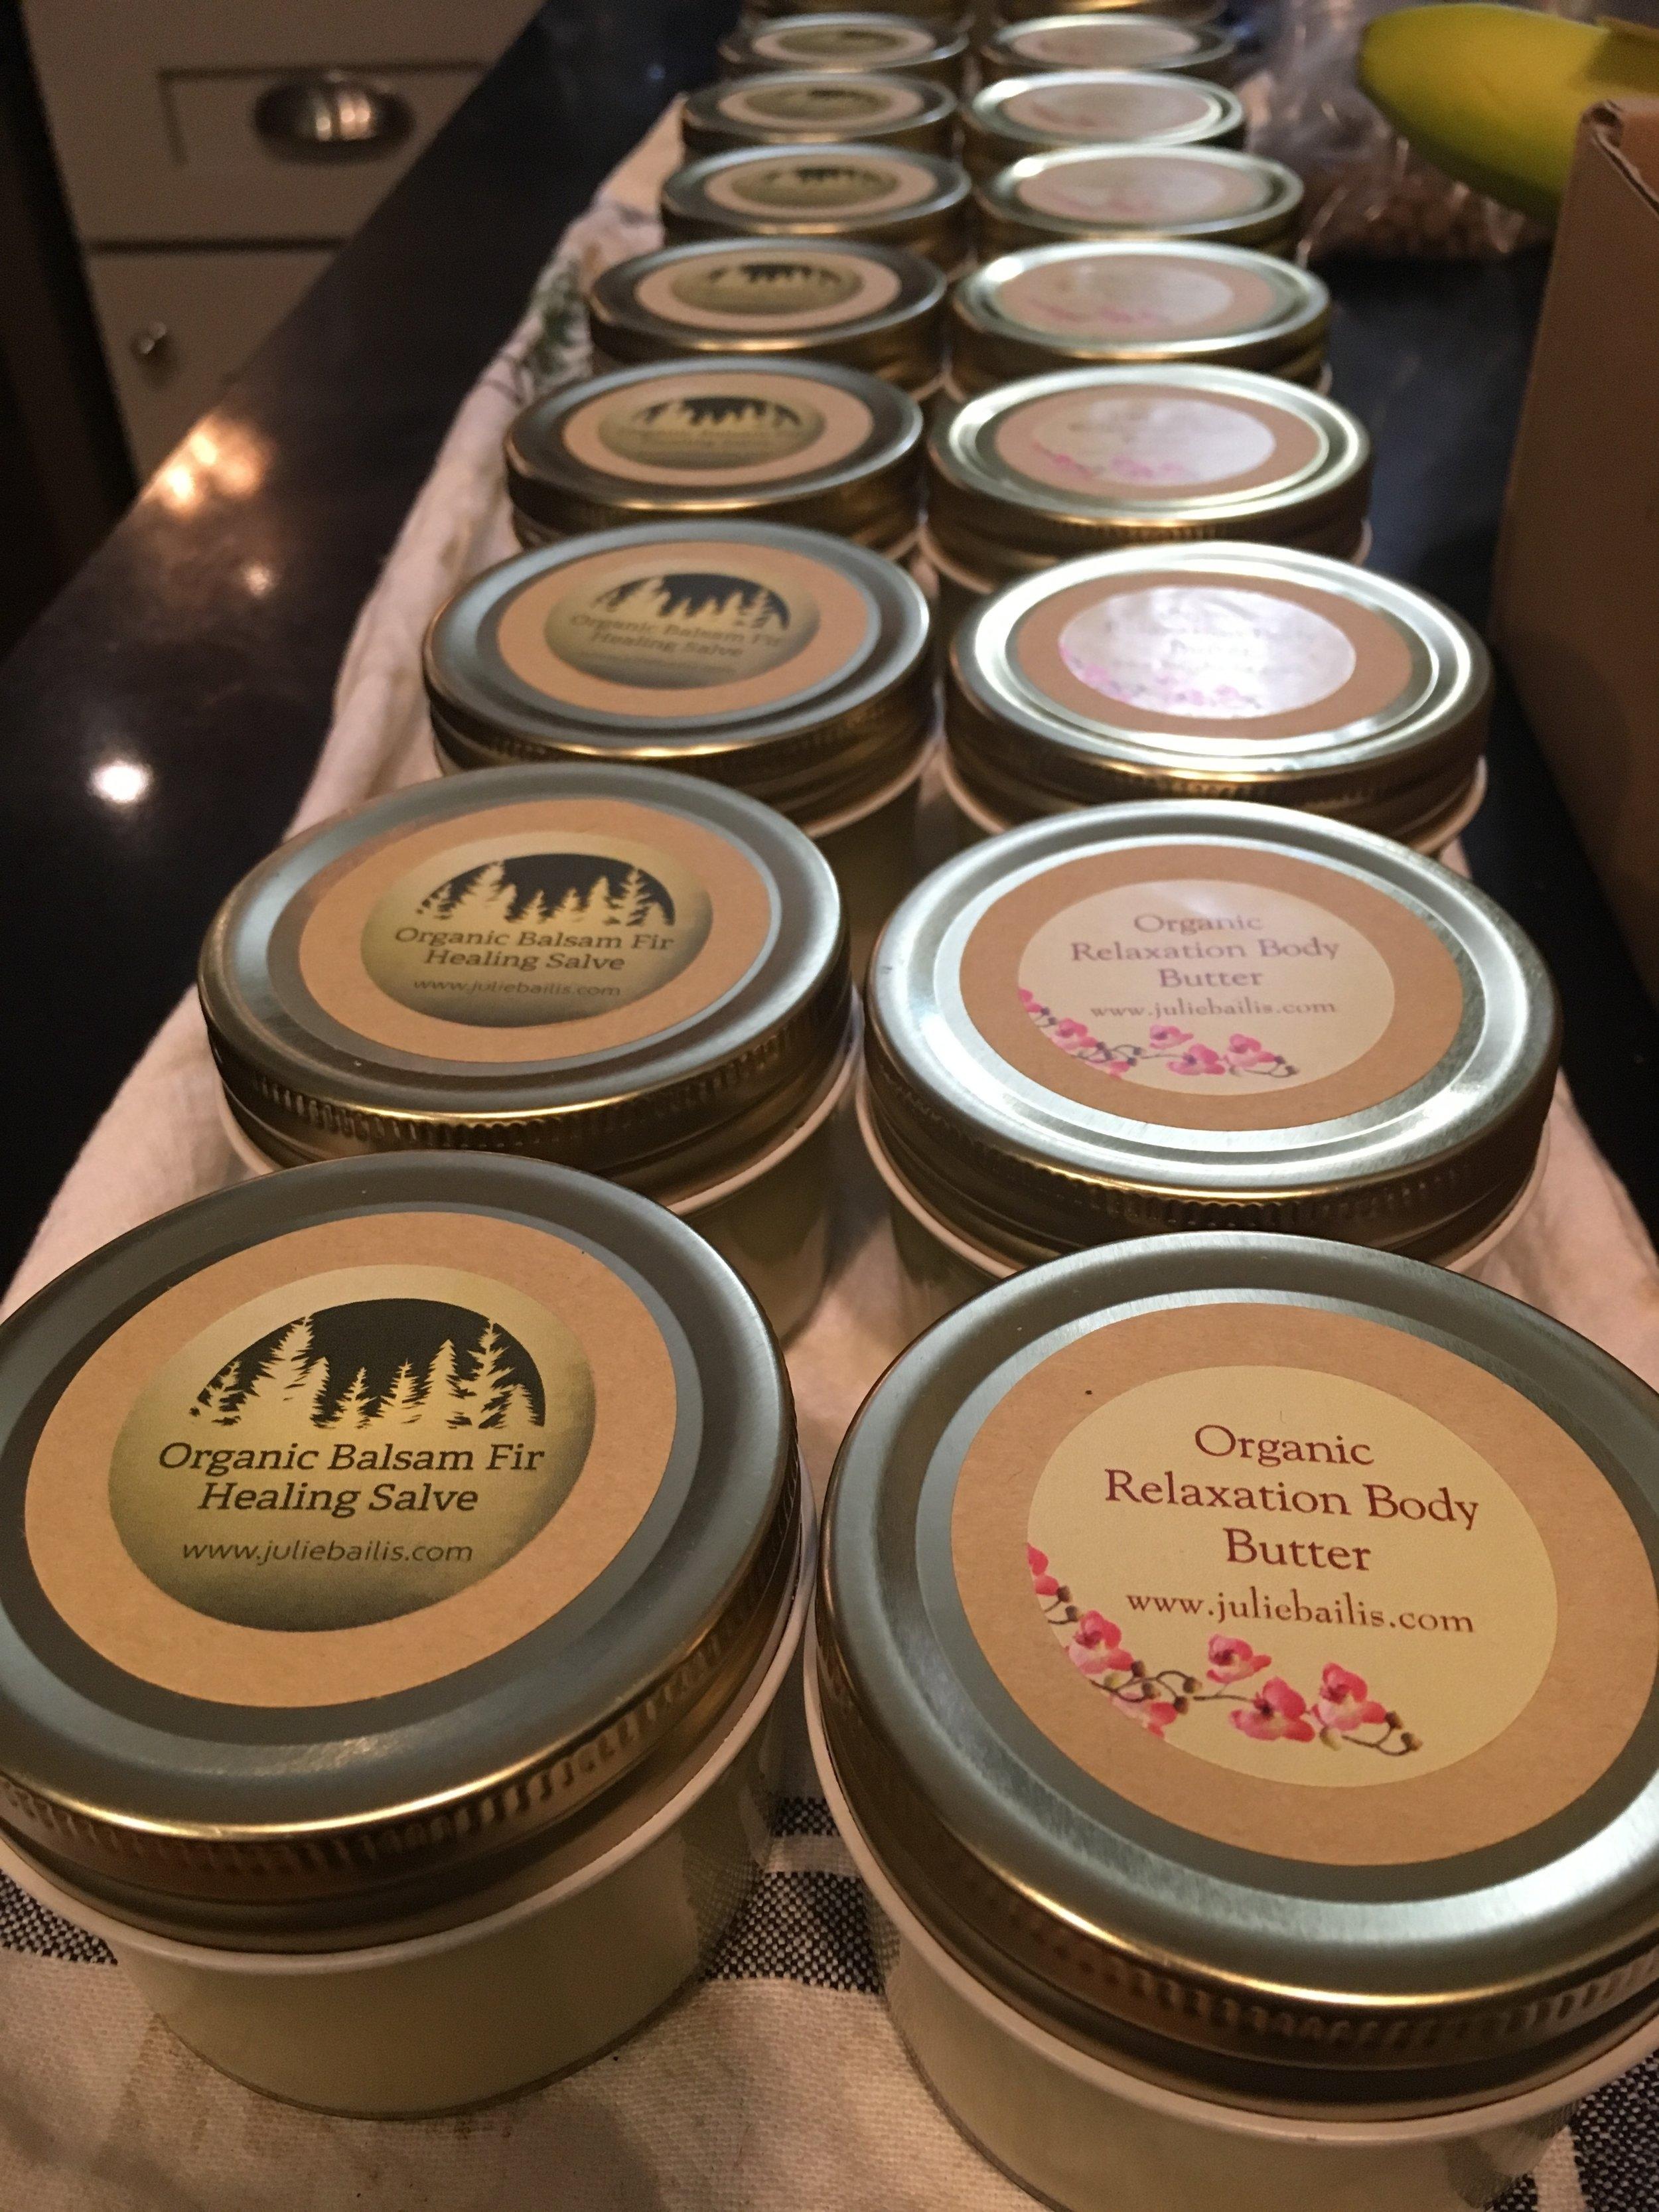 Balsam Fir & Relaxation Body Butters